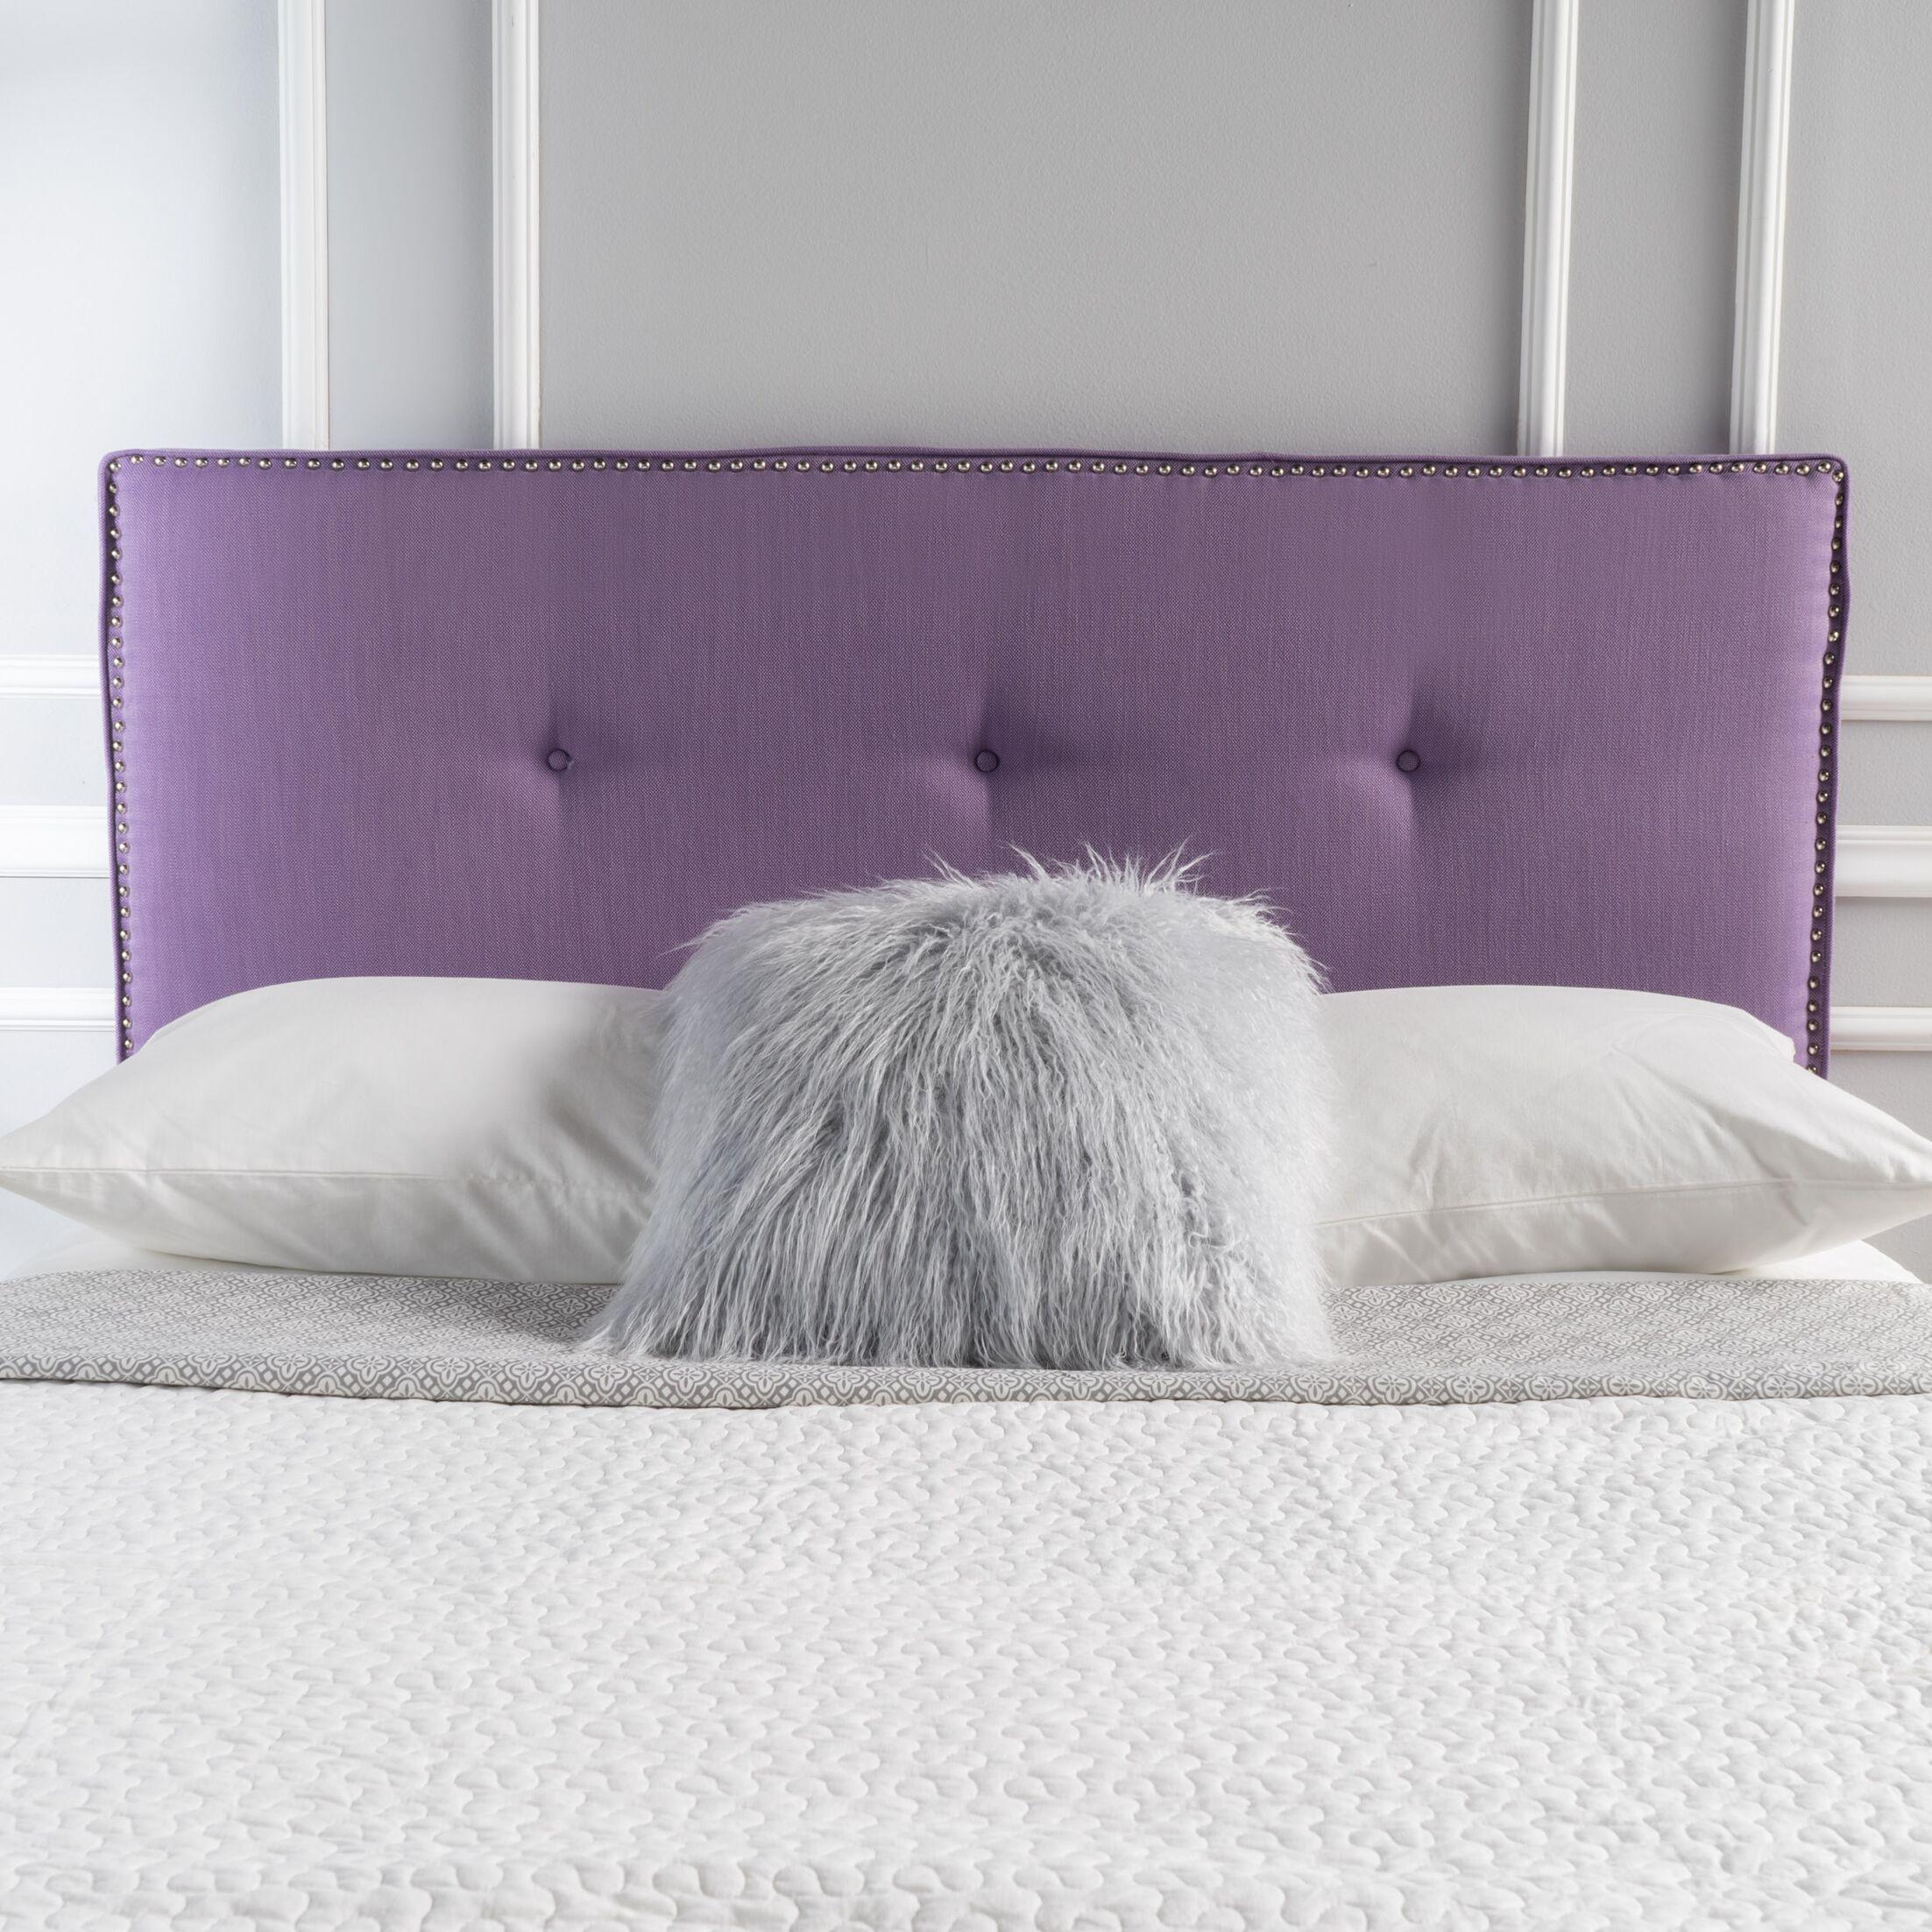 Full Upholstered Panel Headboard Upholstery: Light Purple